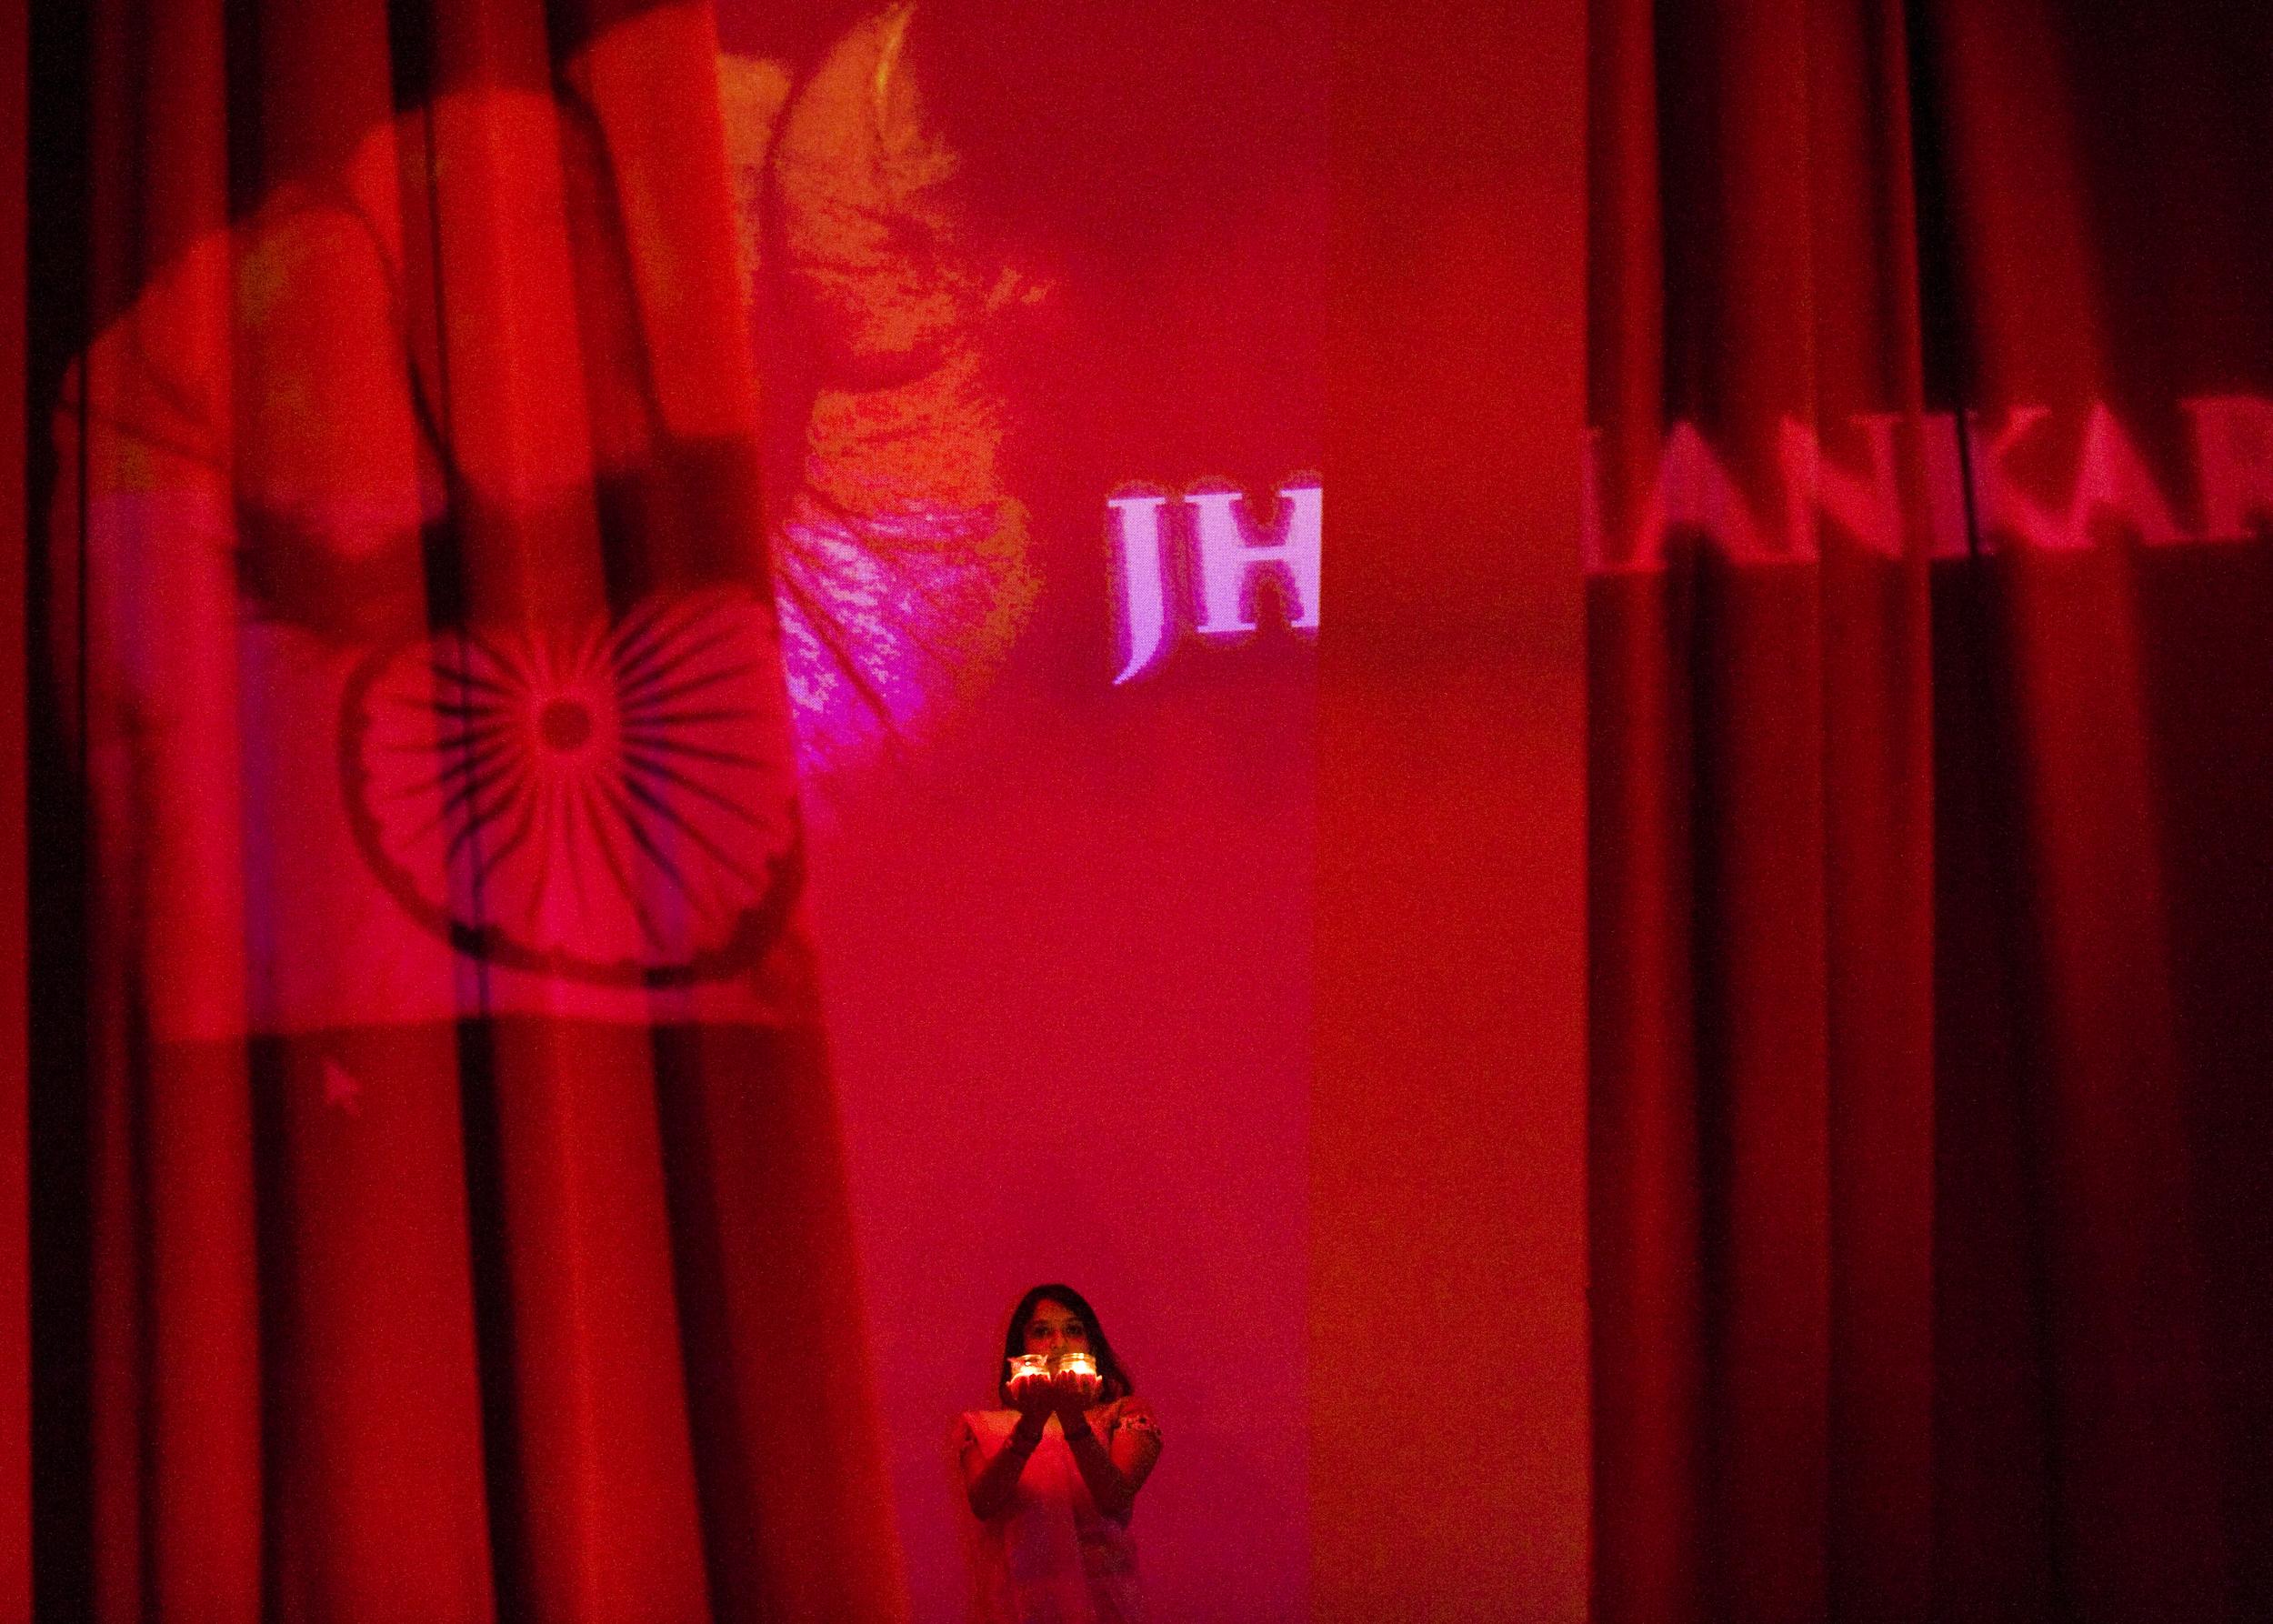 Houser_K_Jankhar_pictoral.jpg